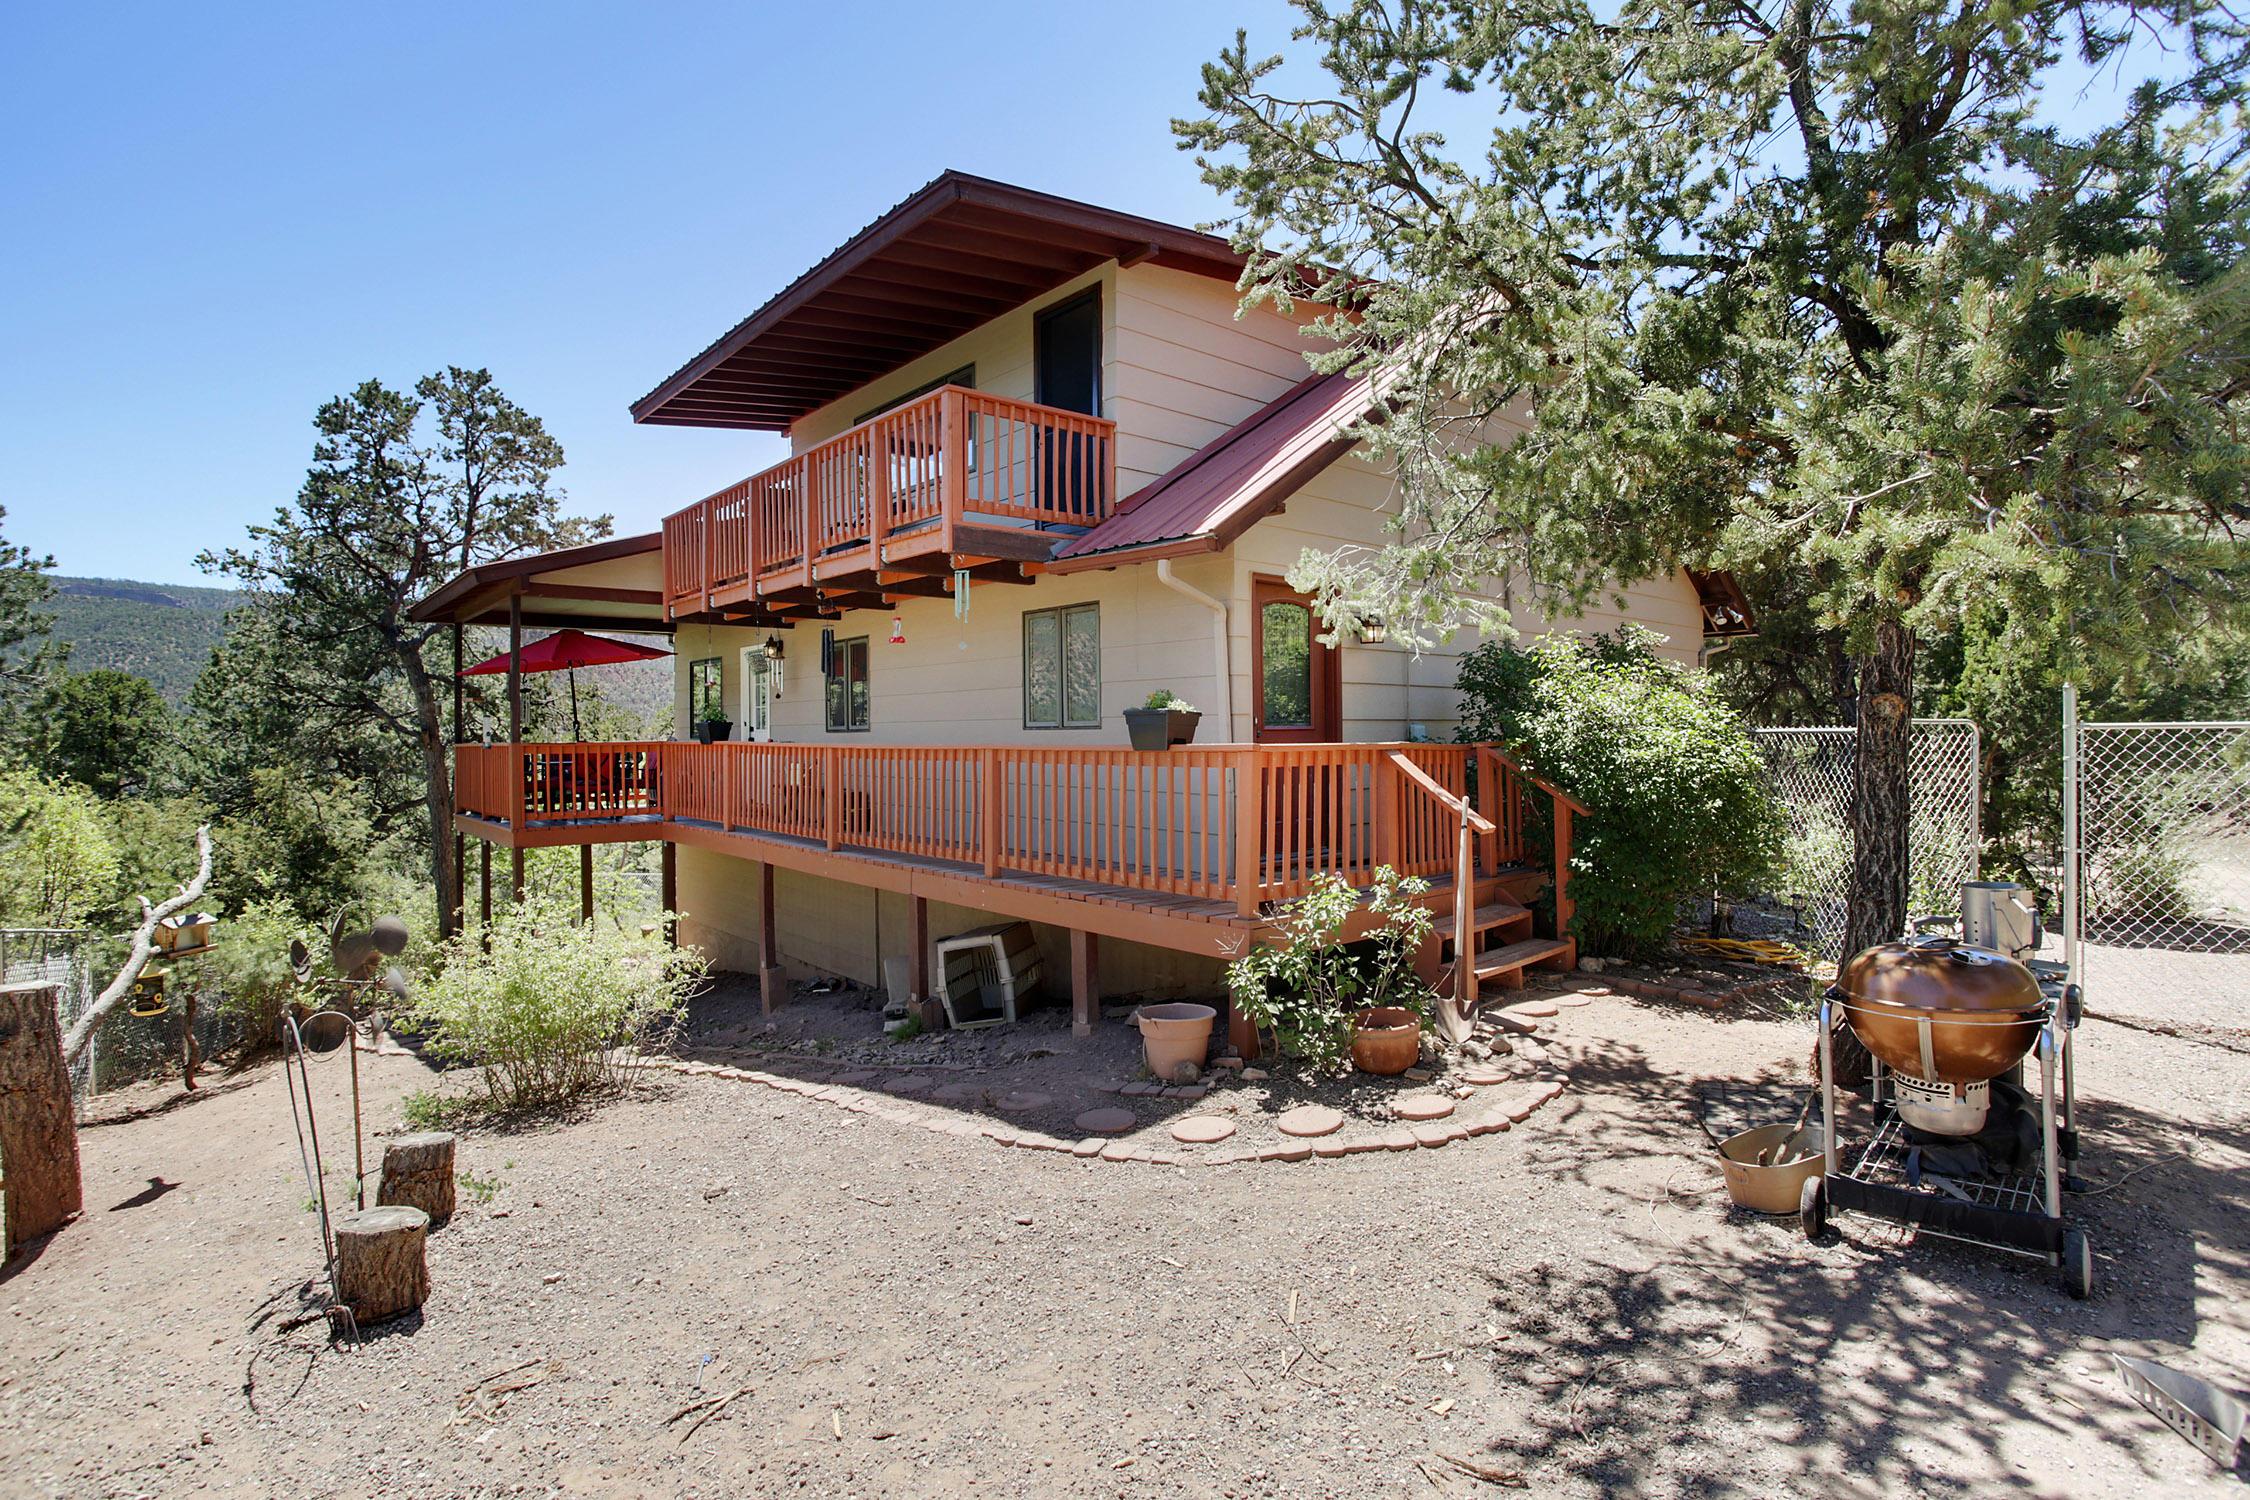 157 CEBOLLA Loop, Jemez Springs, NM 87025 - Jemez Springs, NM real estate listing